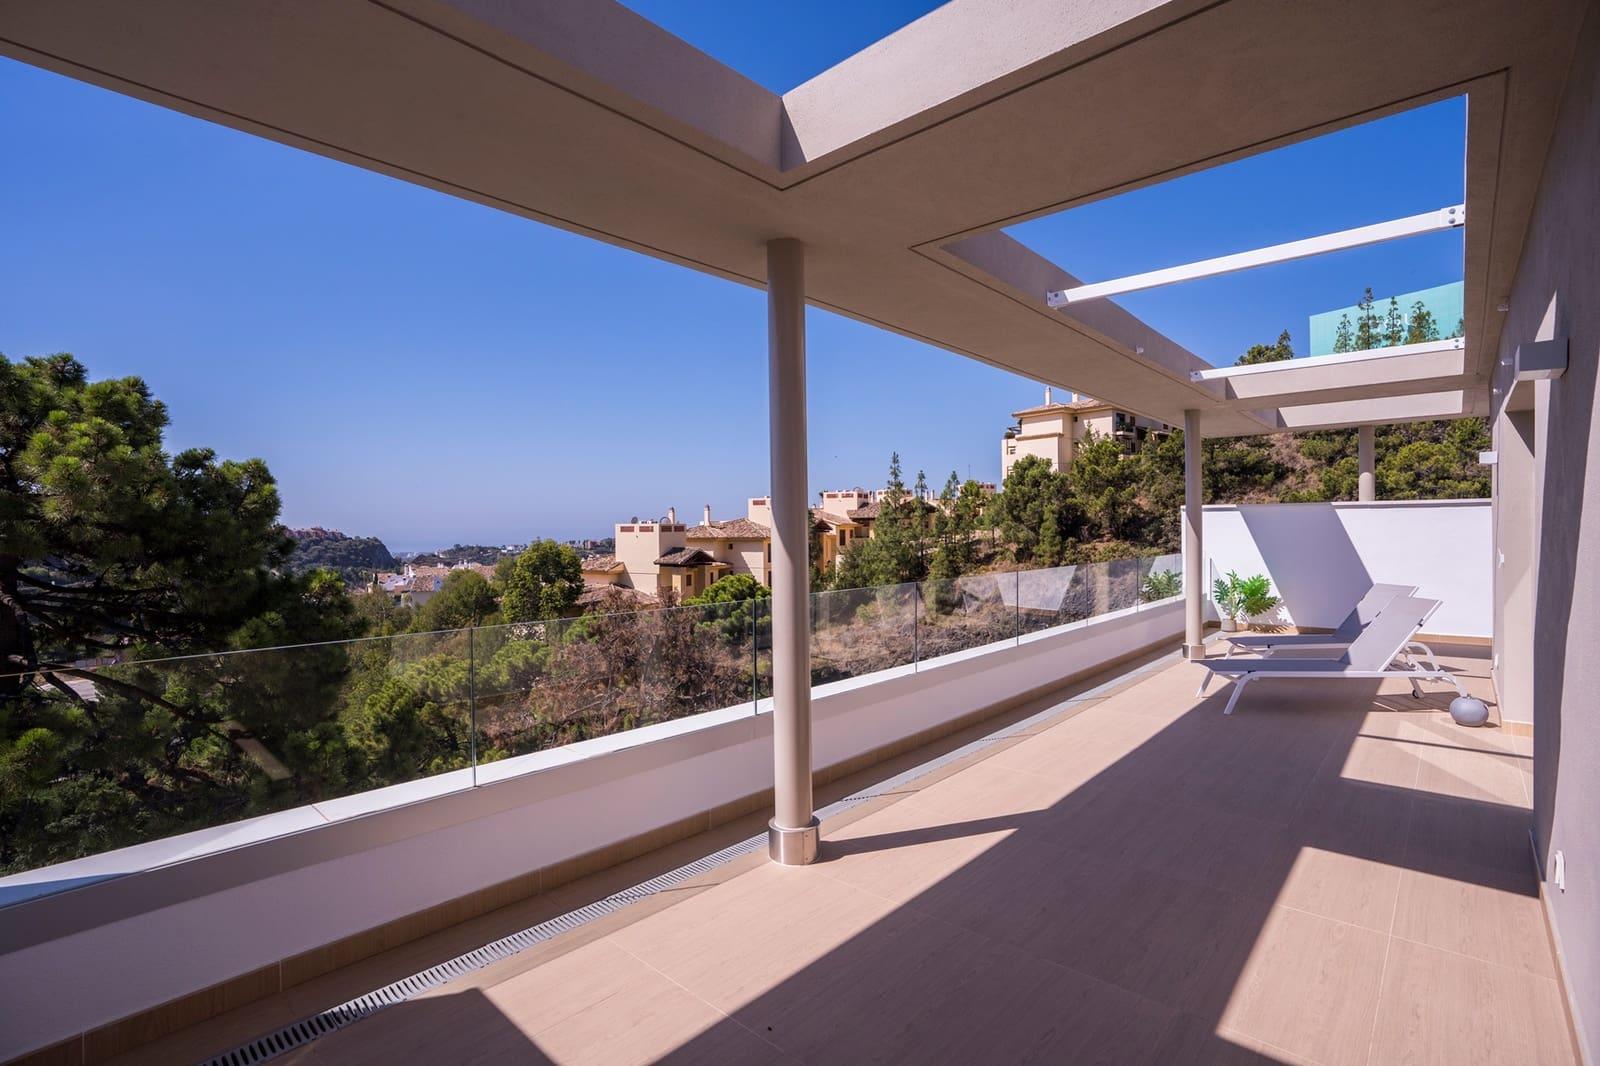 3 quarto Penthouse para venda em Benahavis com piscina garagem - 720 000 € (Ref: 4971468)